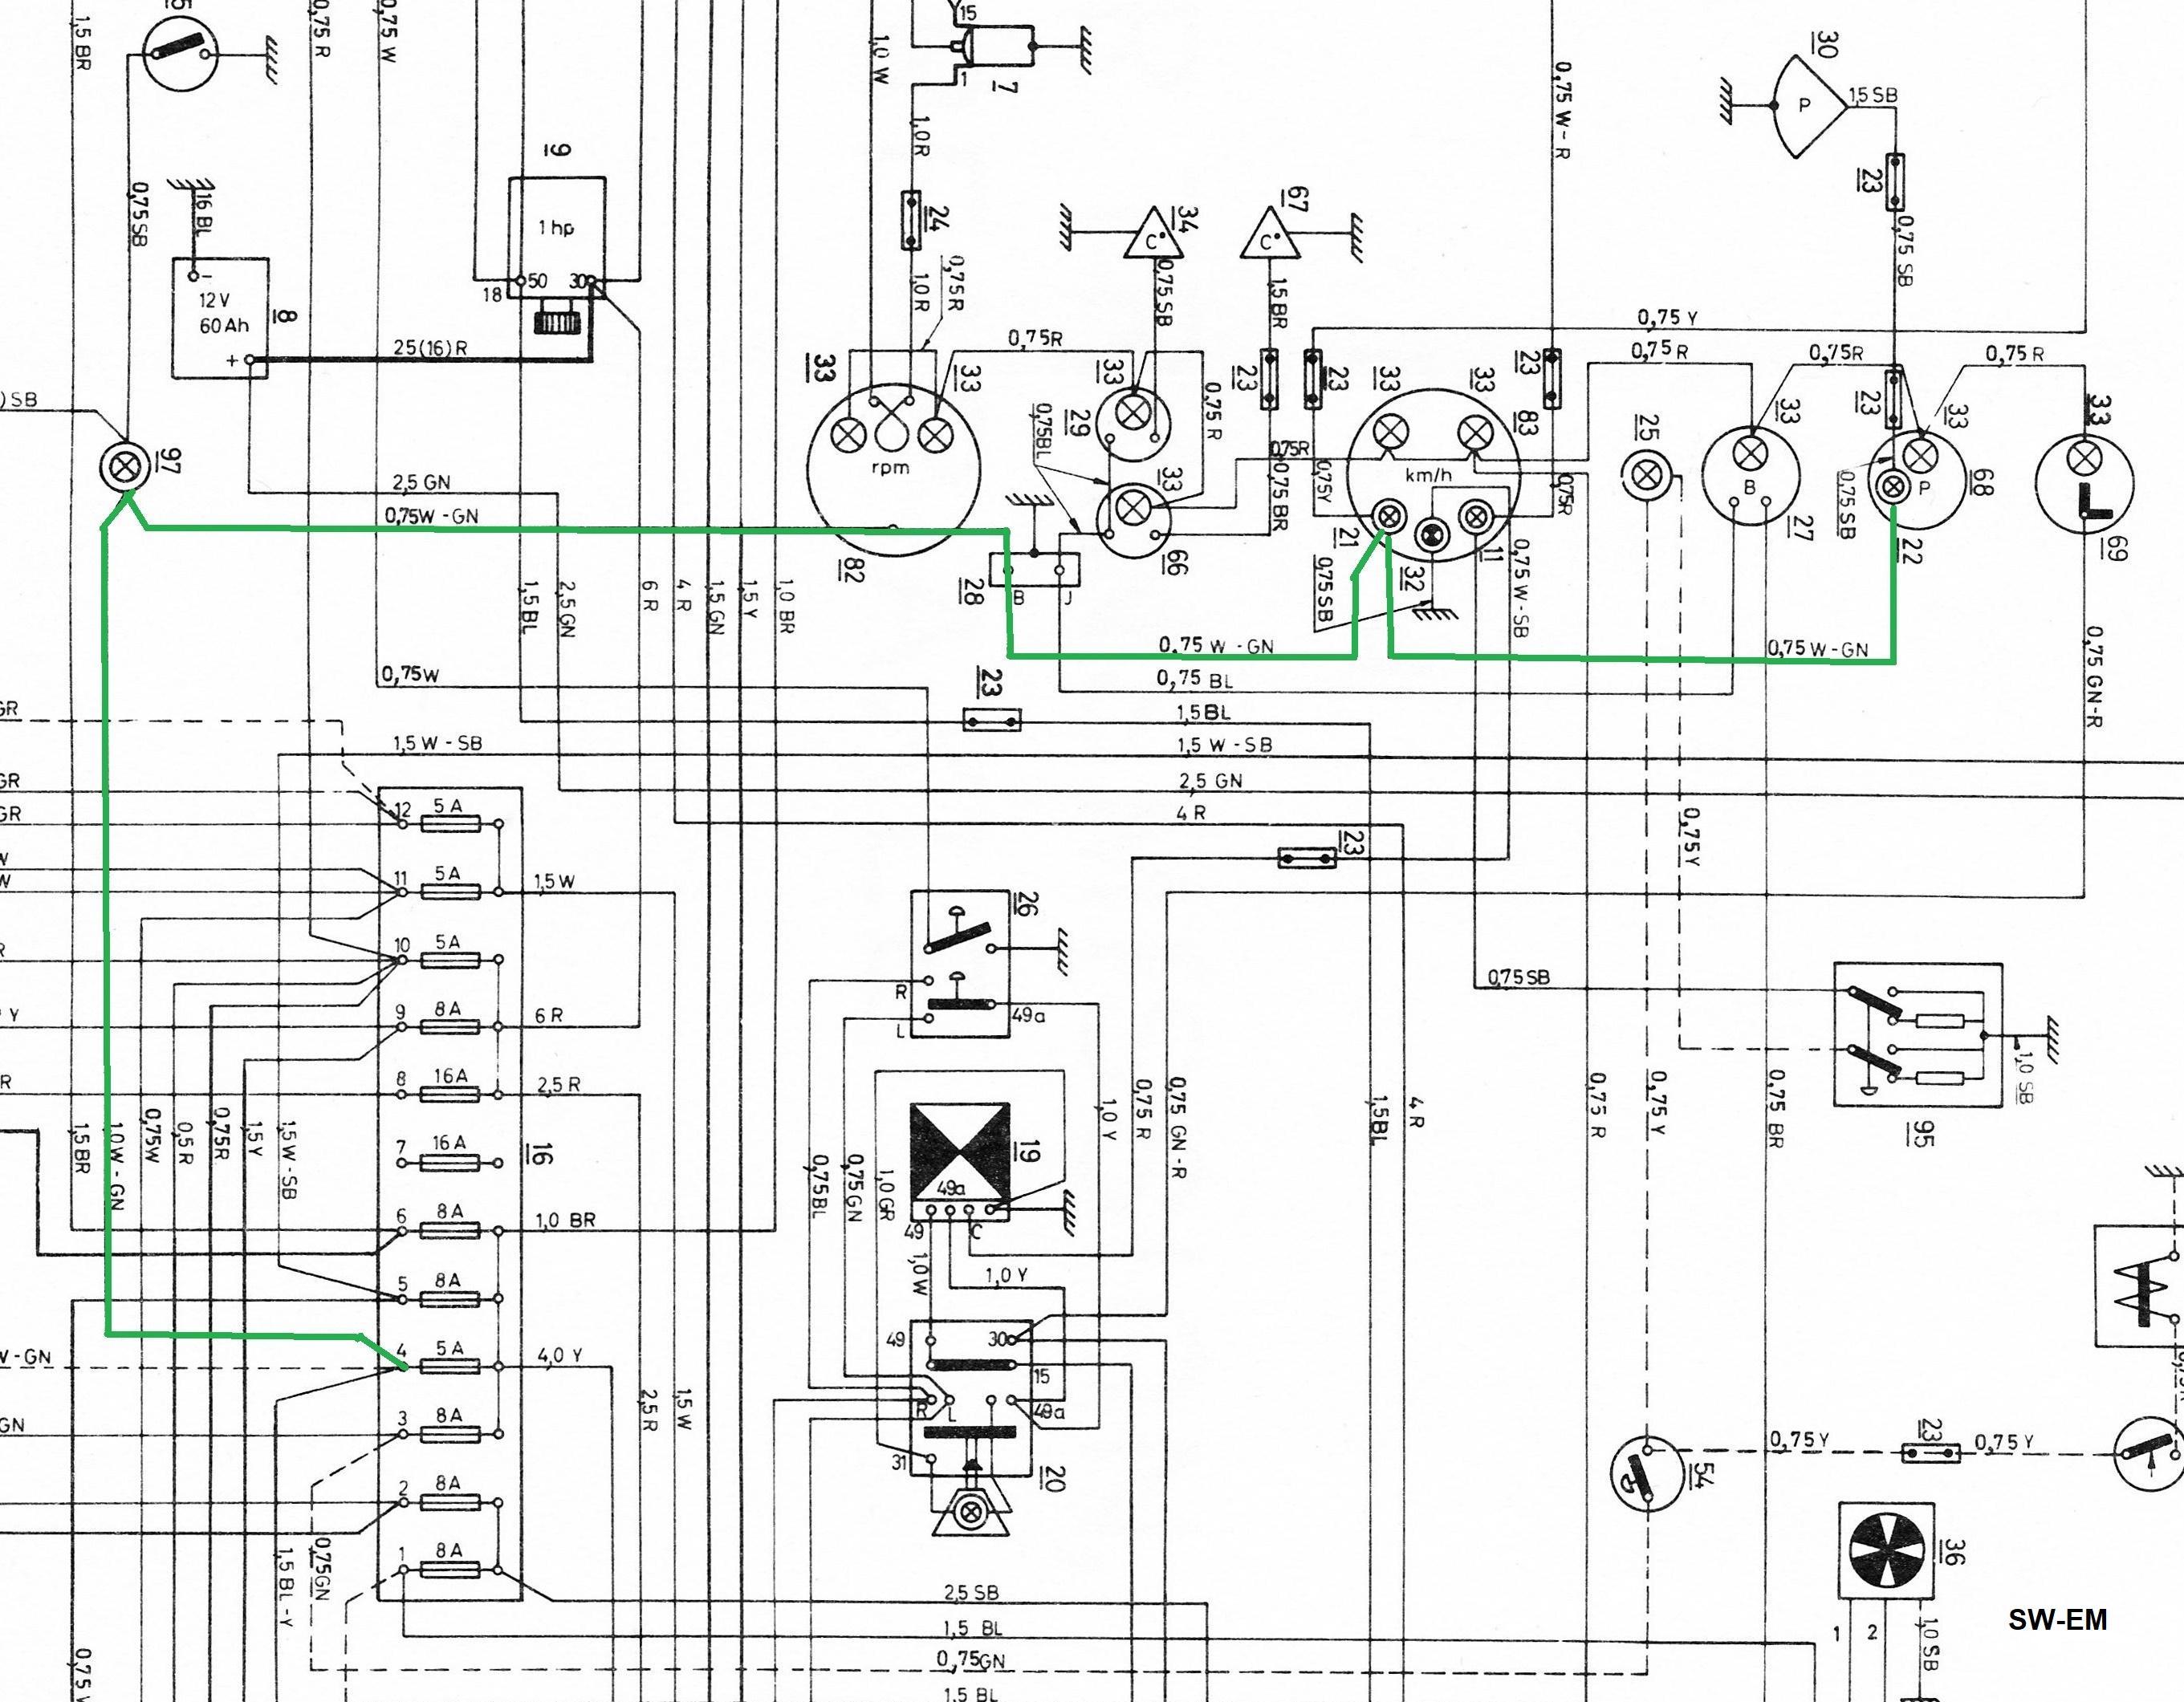 Auto Meter Egt Gauge Wiring Diagram Water Meter